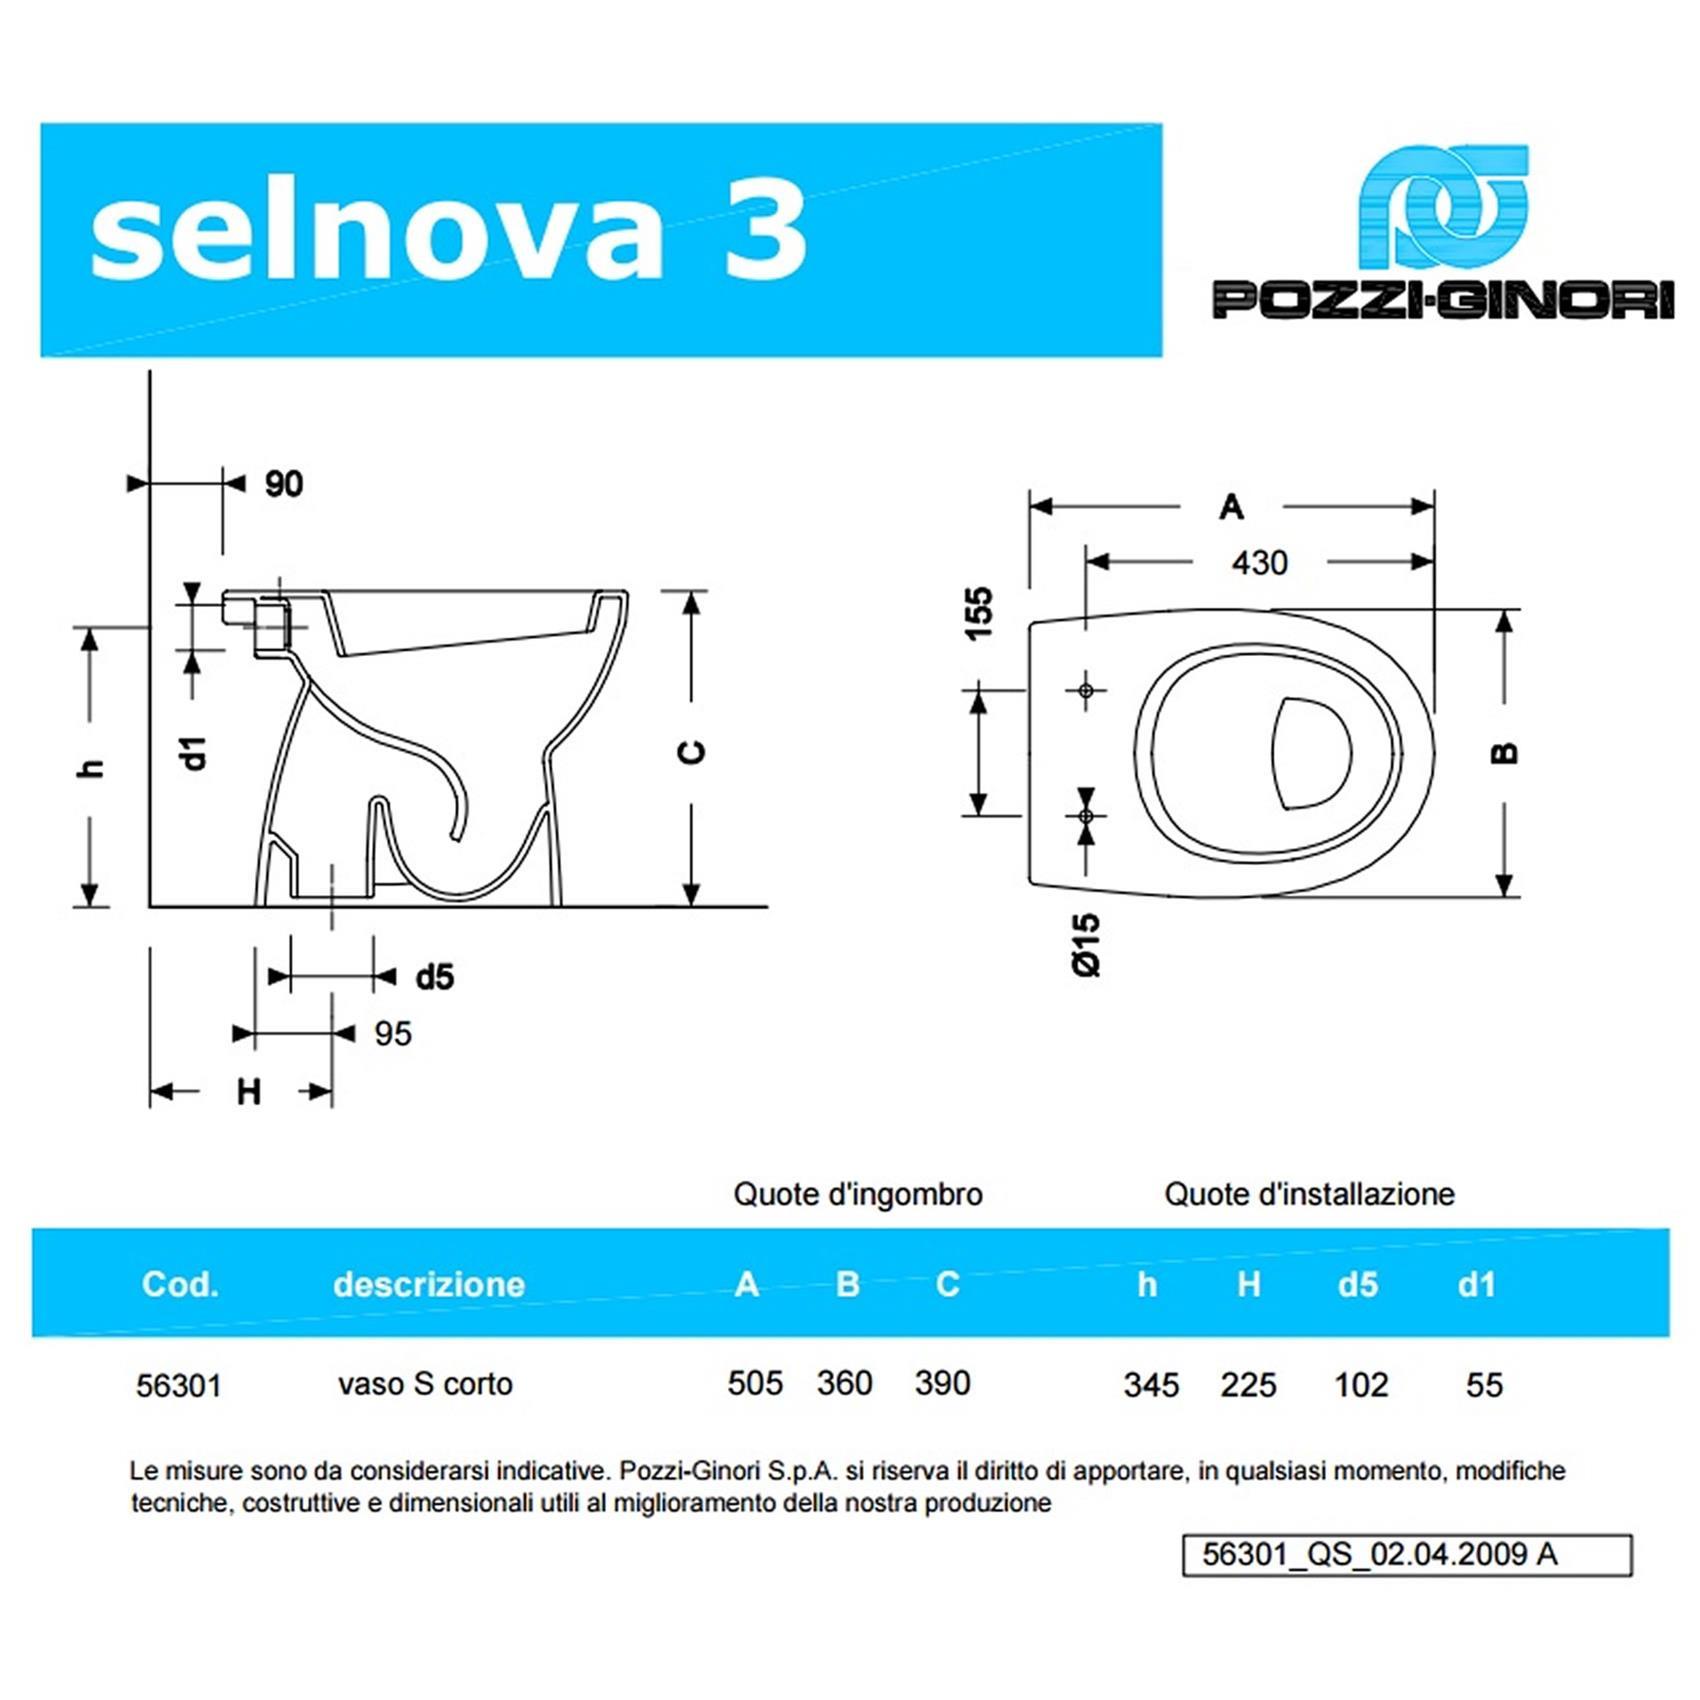 Sanitari da bagno a terra selnova 3 pozzi ginori lavabo - Scheda tecnica finestra ...